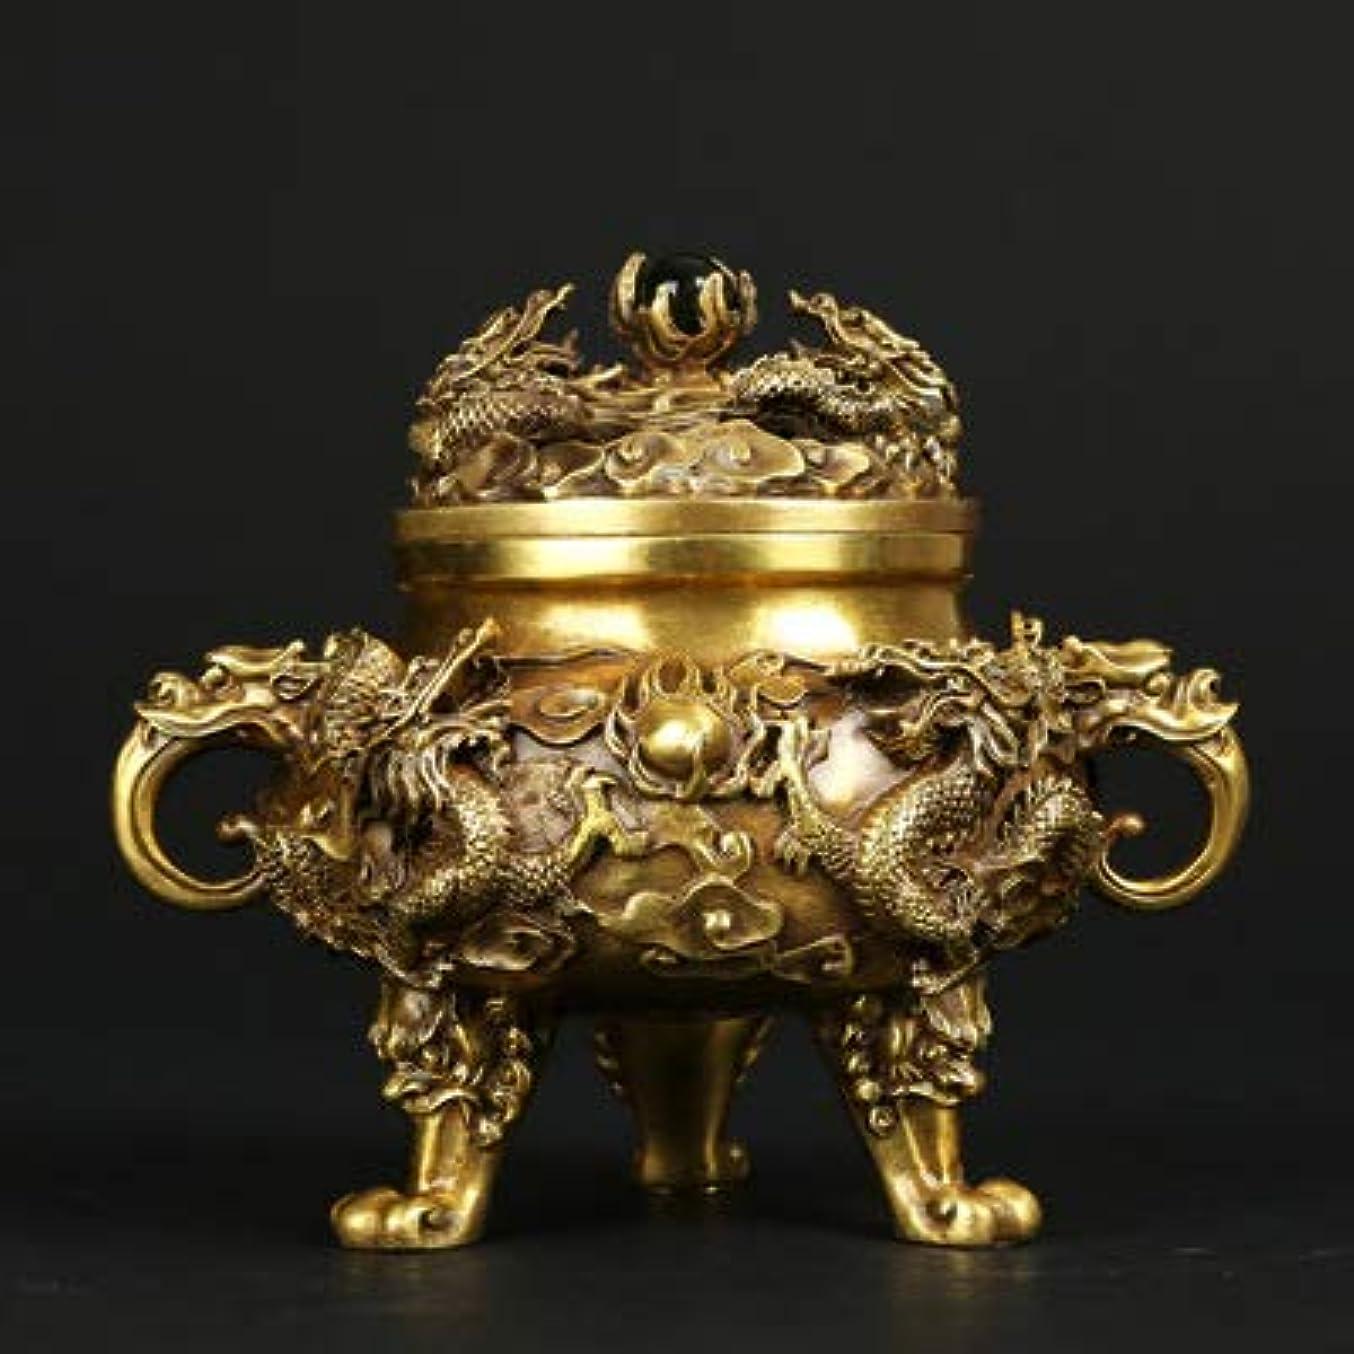 もっともらしい誰でも擬人化PHILOGOD 香炉 銅作るエンボスドラゴンプリント仏壇用 香立て 香皿